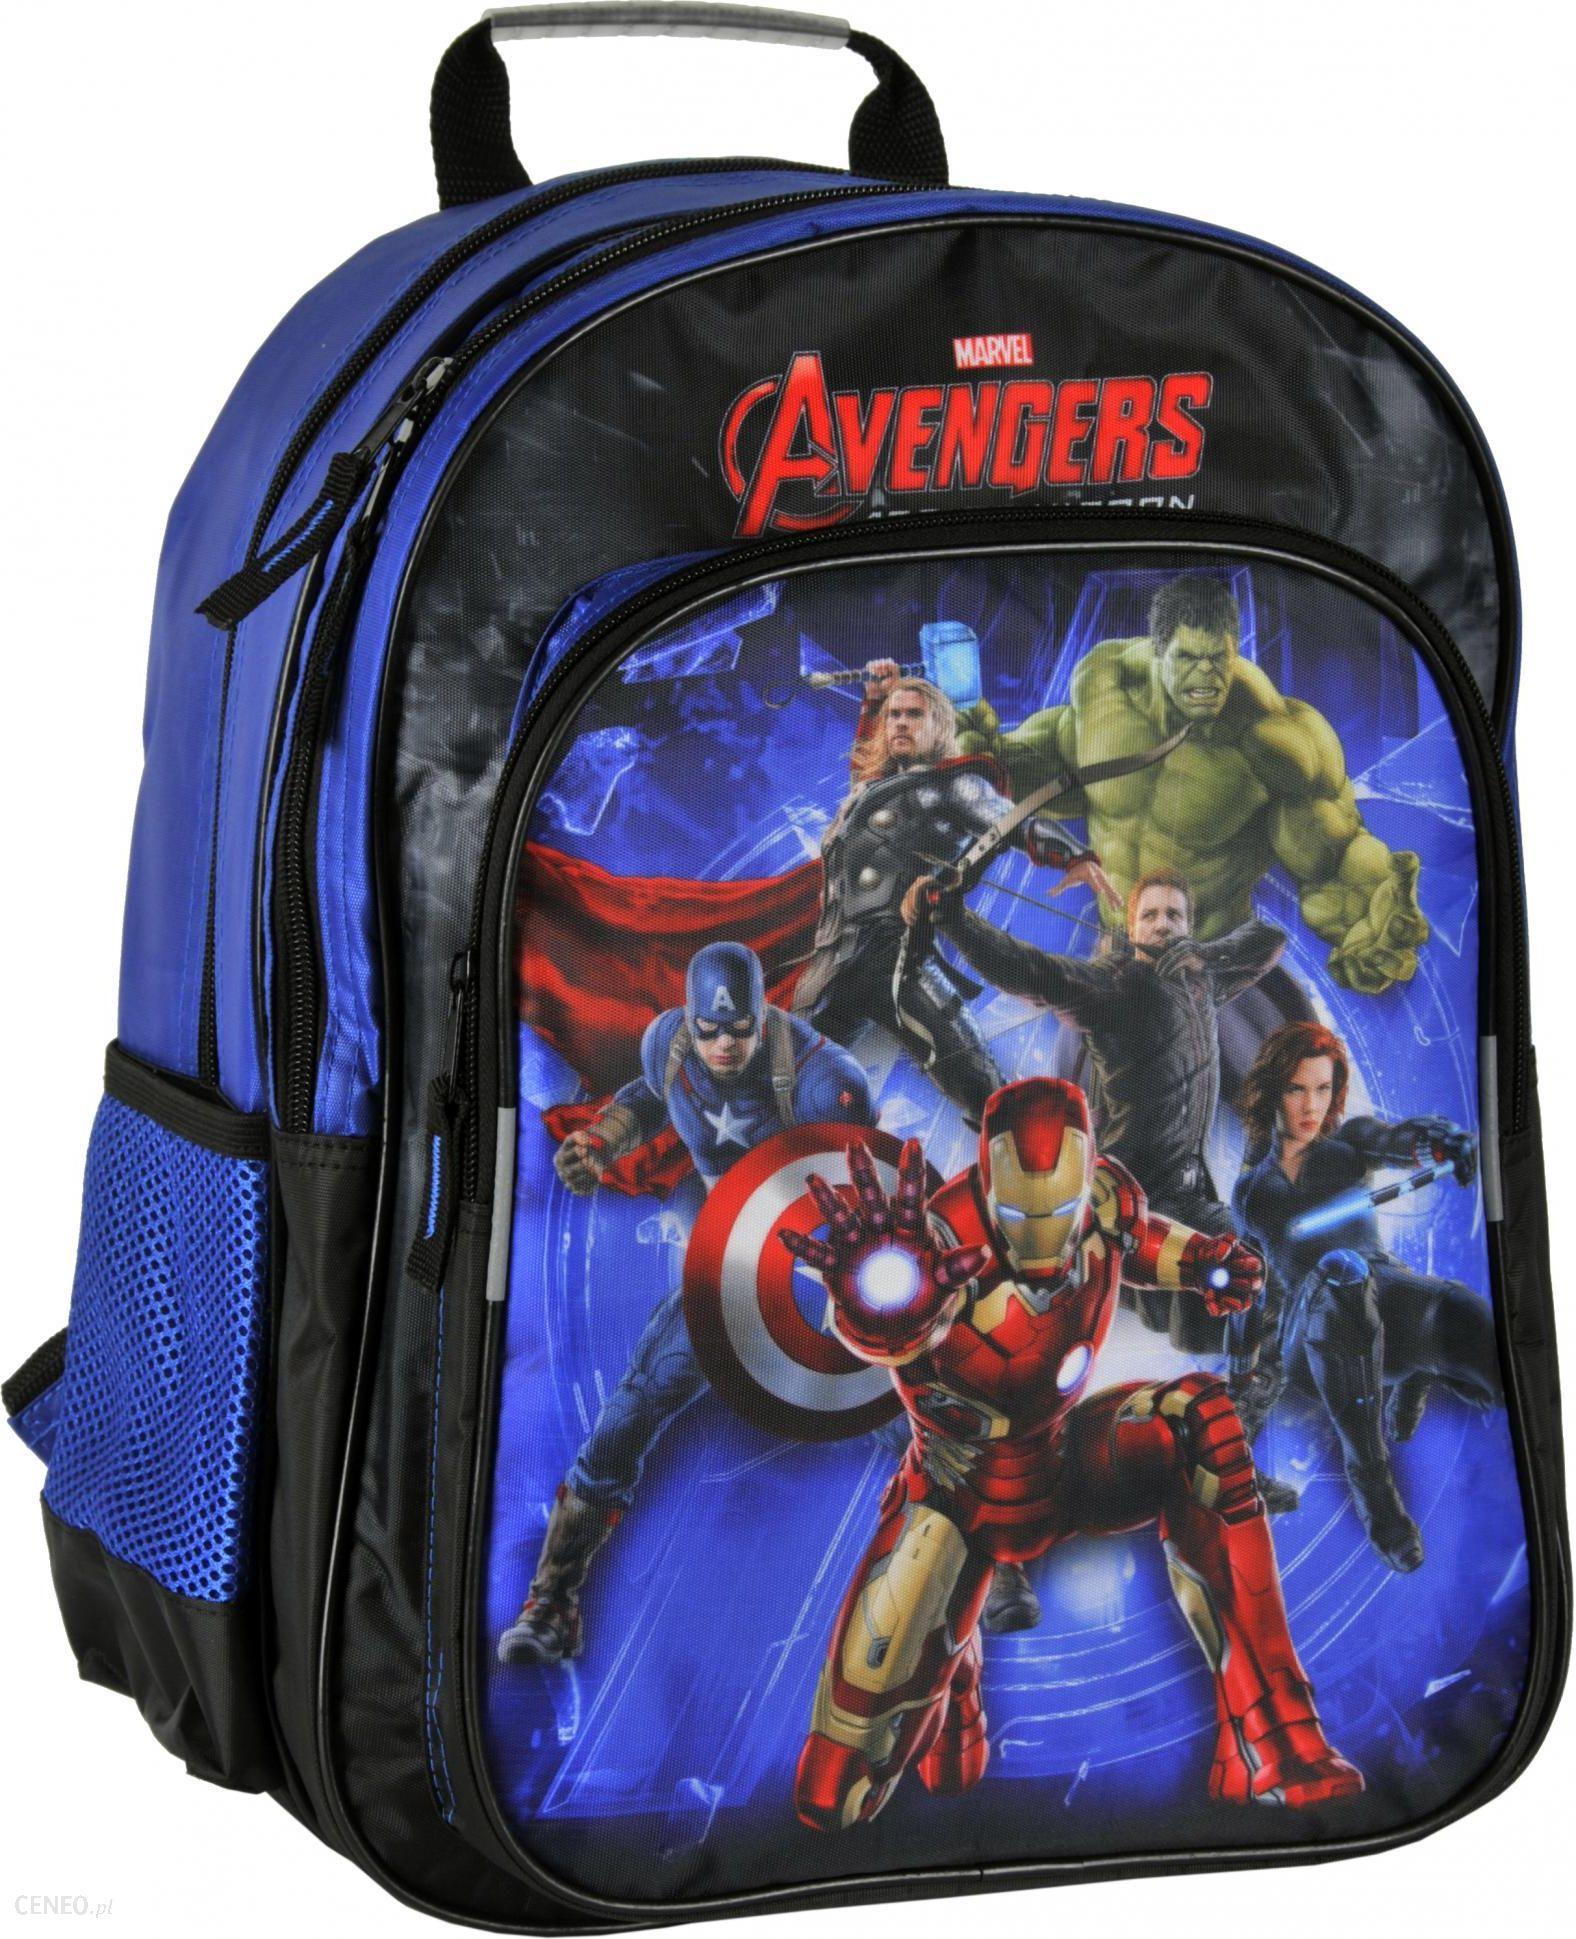 8916e57f0d466 Plecak Avengers - Ceny i opinie - Ceneo.pl